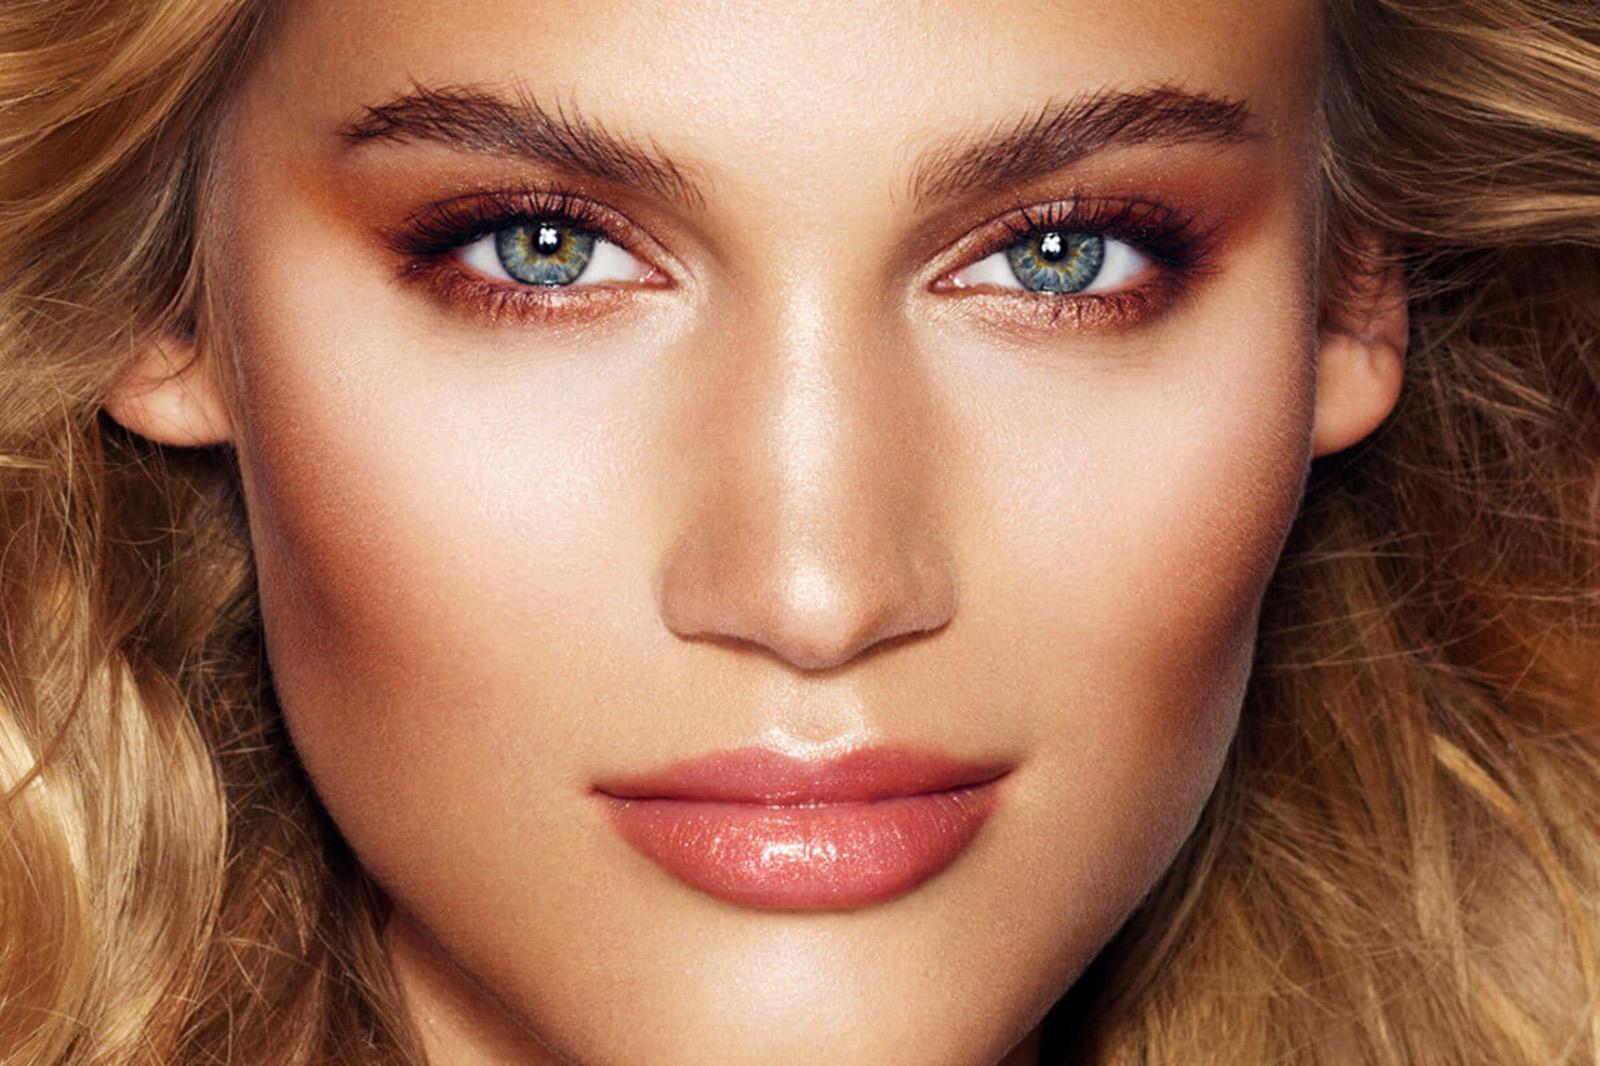 charlotte-tilbury-arrive-en-france-maquillage